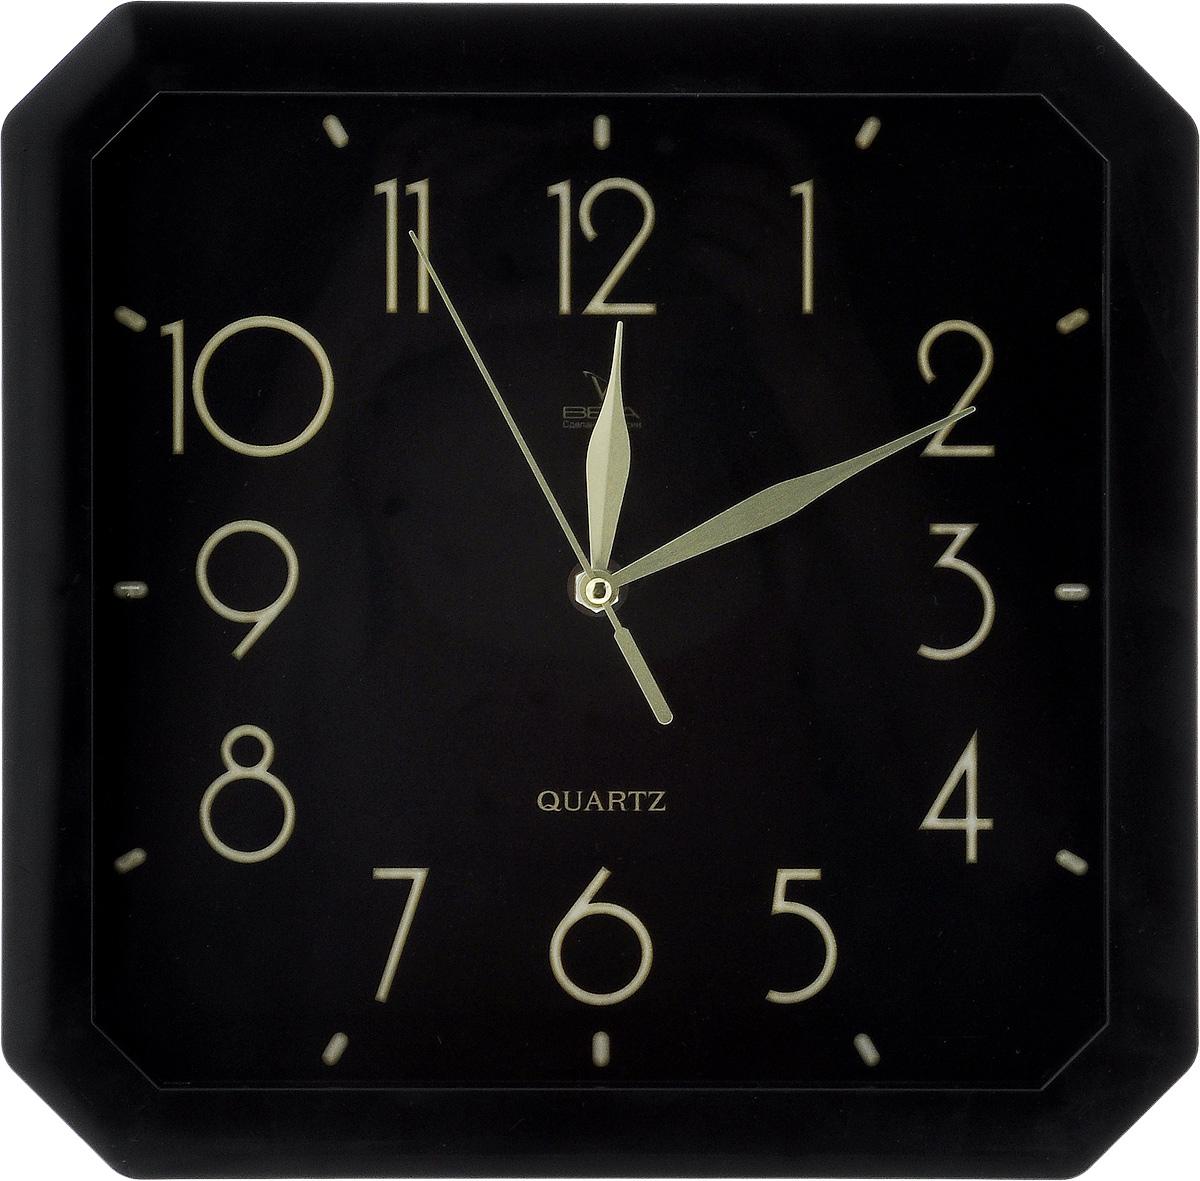 Часы настенные Вега Классика, 28 х 28 см. П4-6/6-74П3-14-131Настенные кварцевые часы Вега Классика, изготовленные из пластика, прекрасно впишутся в интерьер вашего дома. Часы имеют три стрелки: часовую, минутную и секундную, циферблат защищен прозрачным стеклом. Часы работают от 1 батарейки типа АА напряжением 1,5 В (не входит в комплект).Прилагается инструкция по эксплуатации.